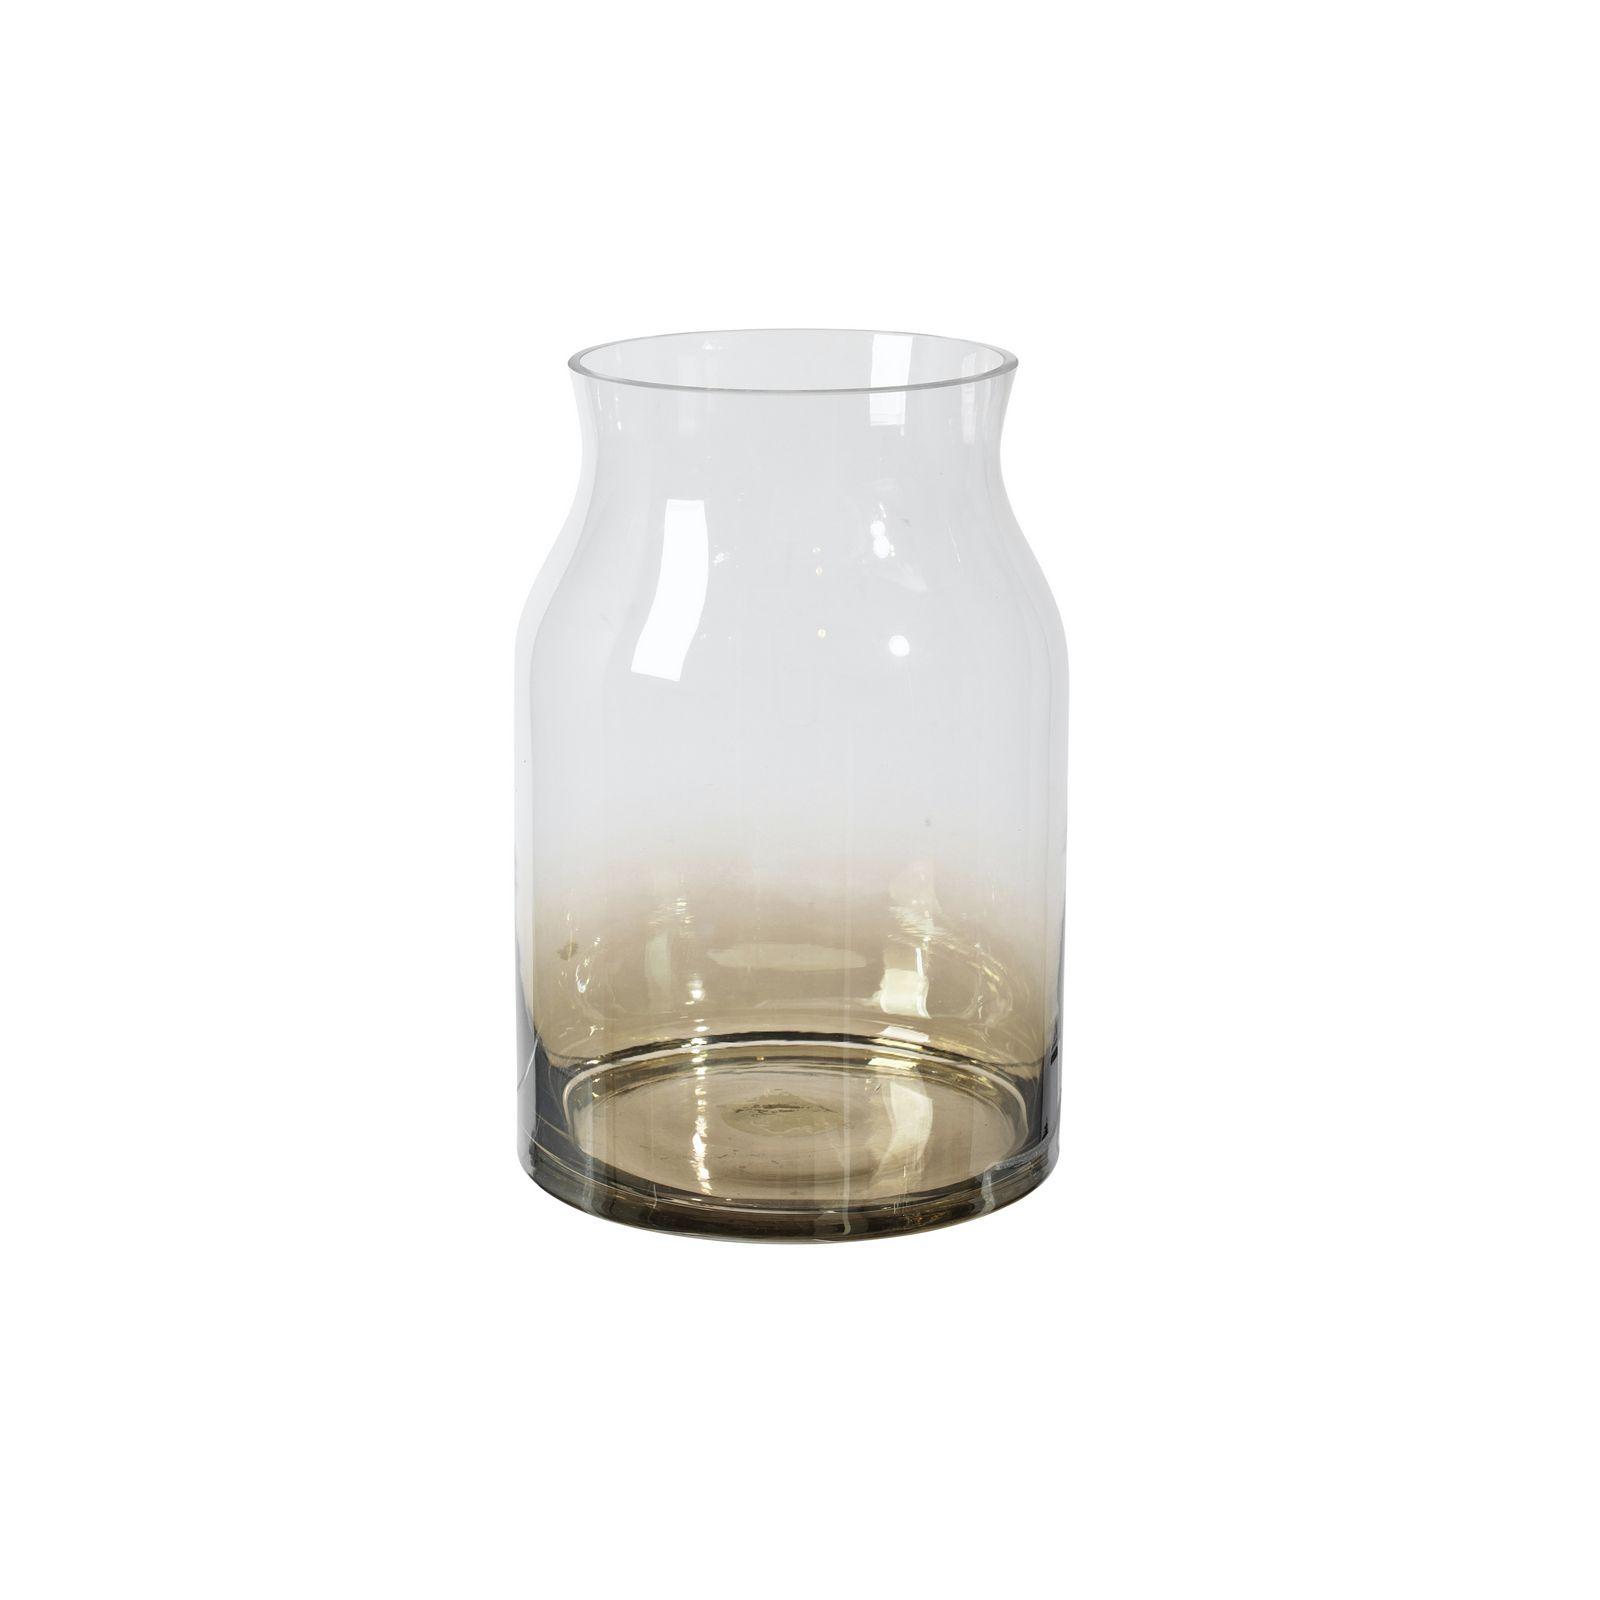 Ваза Broste Curly, цвет: прозрачный, коричневый, высота 25 см. 14471029